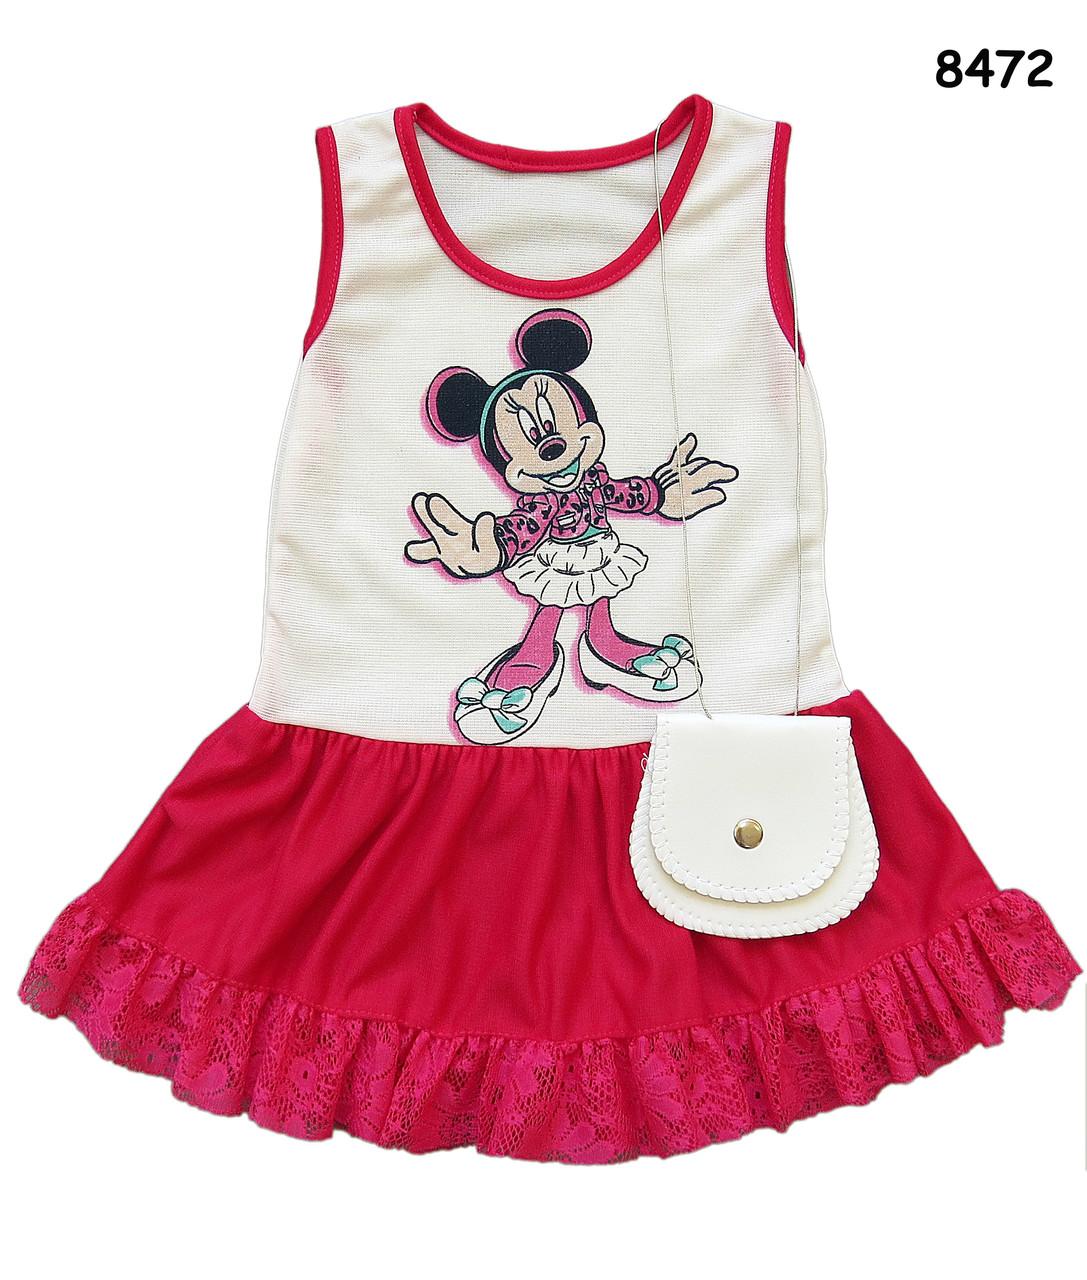 04f169ece099a43 Летнее платье Minnie Mouse с сумочкой для девочки. 1, 3 года - Детская  одежда